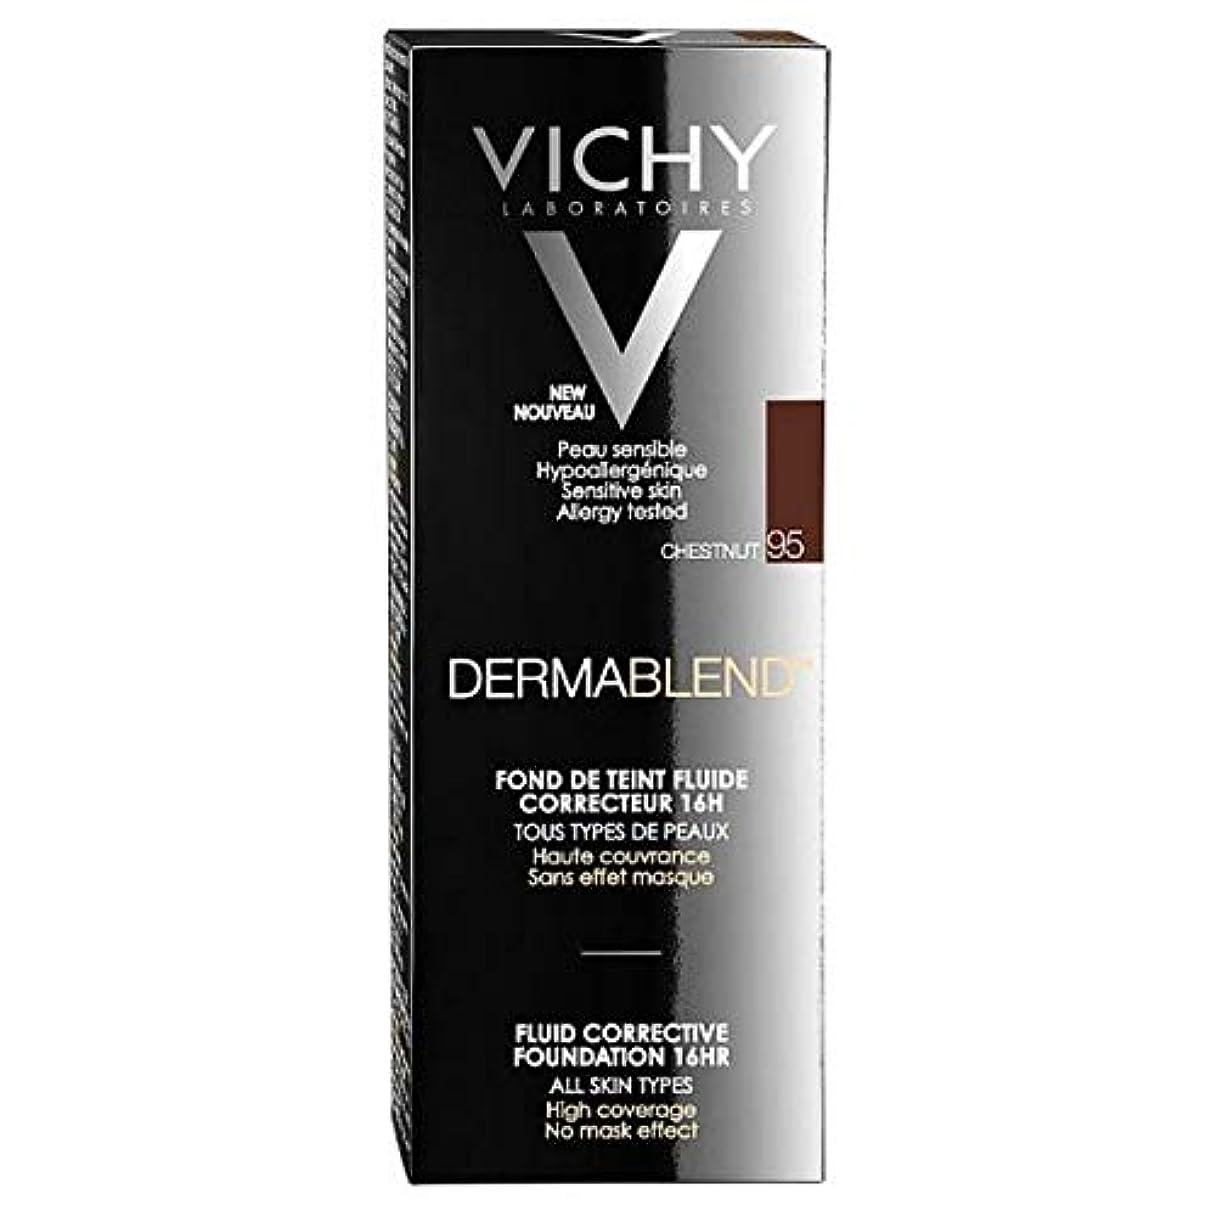 モンスター葬儀再生可能[Vichy ] ヴィシーDermablend流体是正基盤95 30ミリリットル - Vichy Dermablend Fluid Corrective Foundation 95 30ml [並行輸入品]